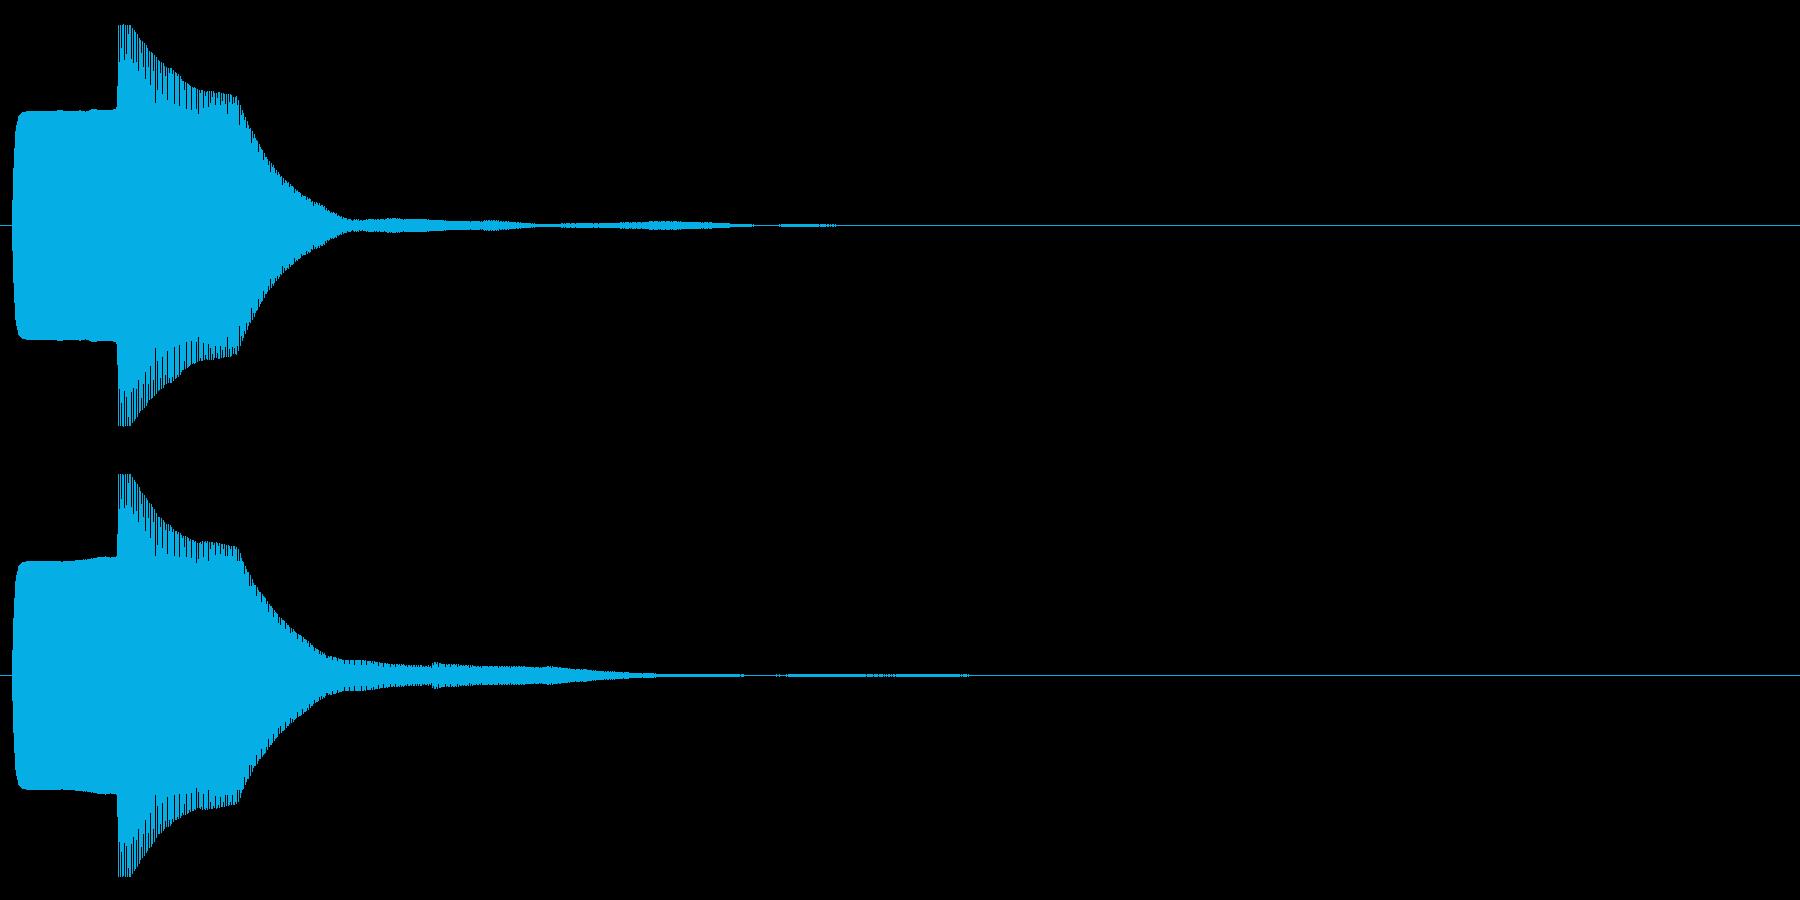 ピコン(起動,通知,タップ,決定)_06の再生済みの波形